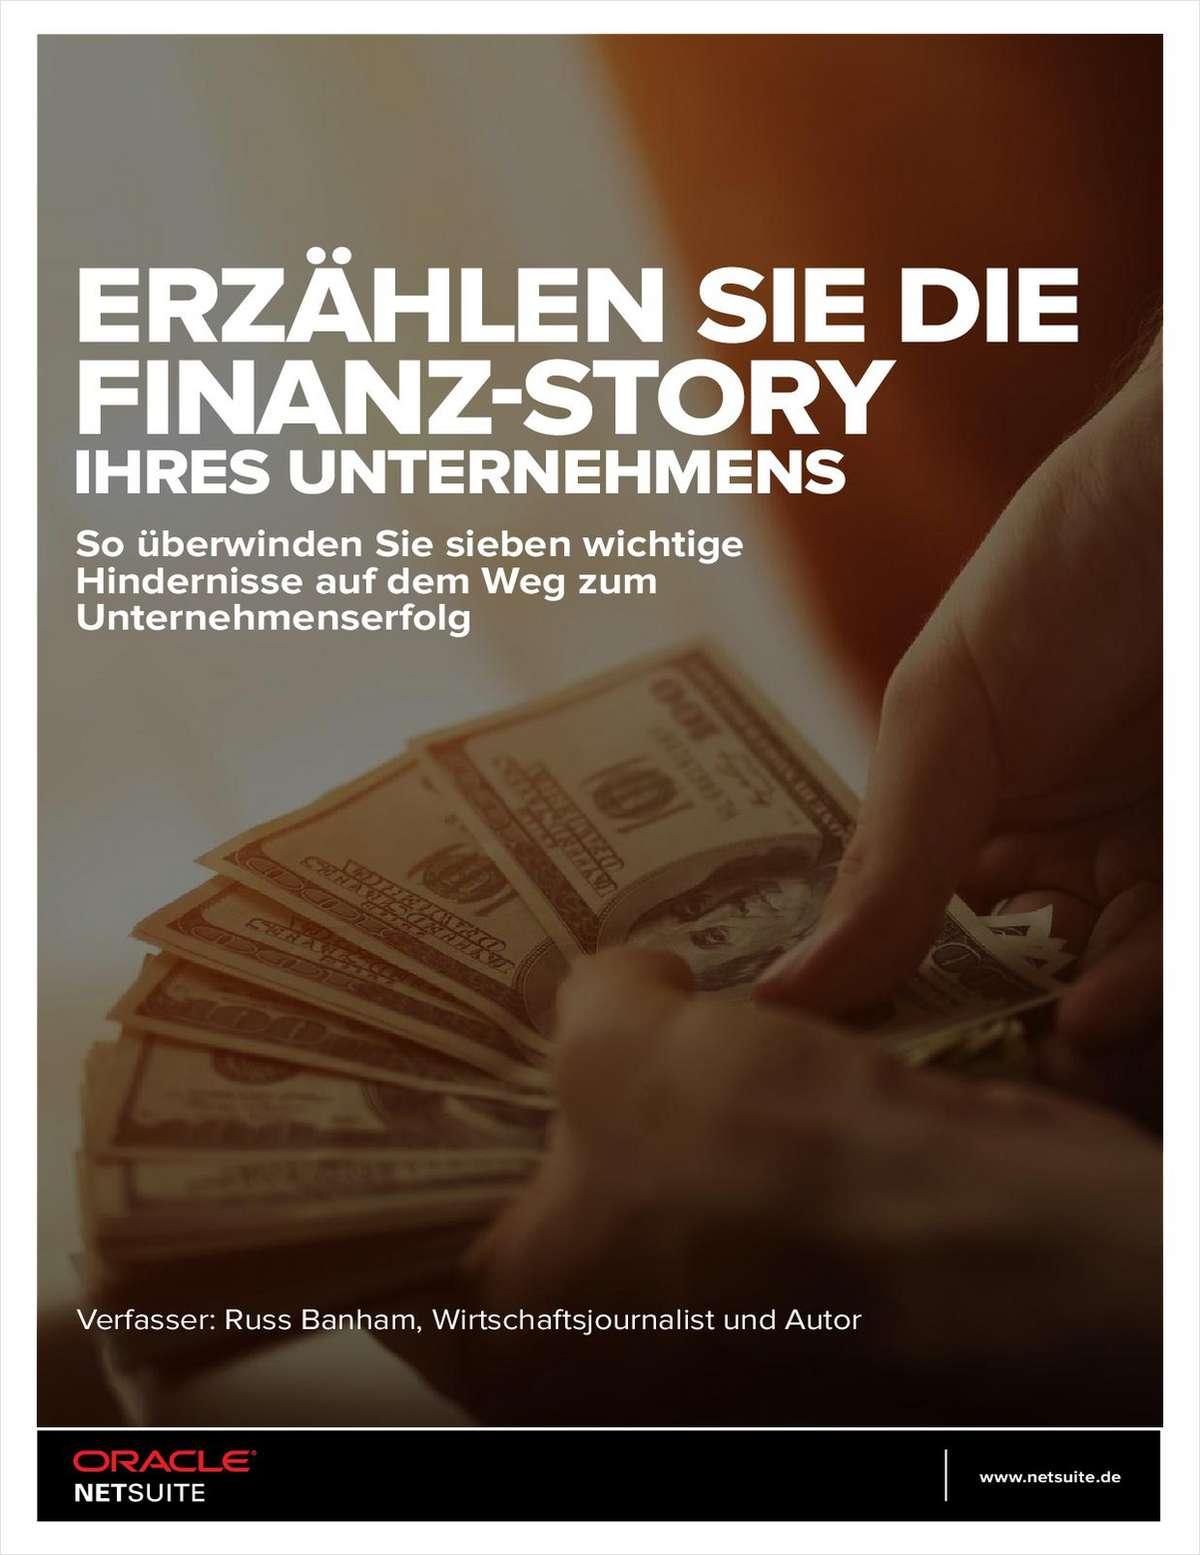 ERZÄHLEN SIE DIE FINANZ-STORY IHRES UNTERNEHMENS